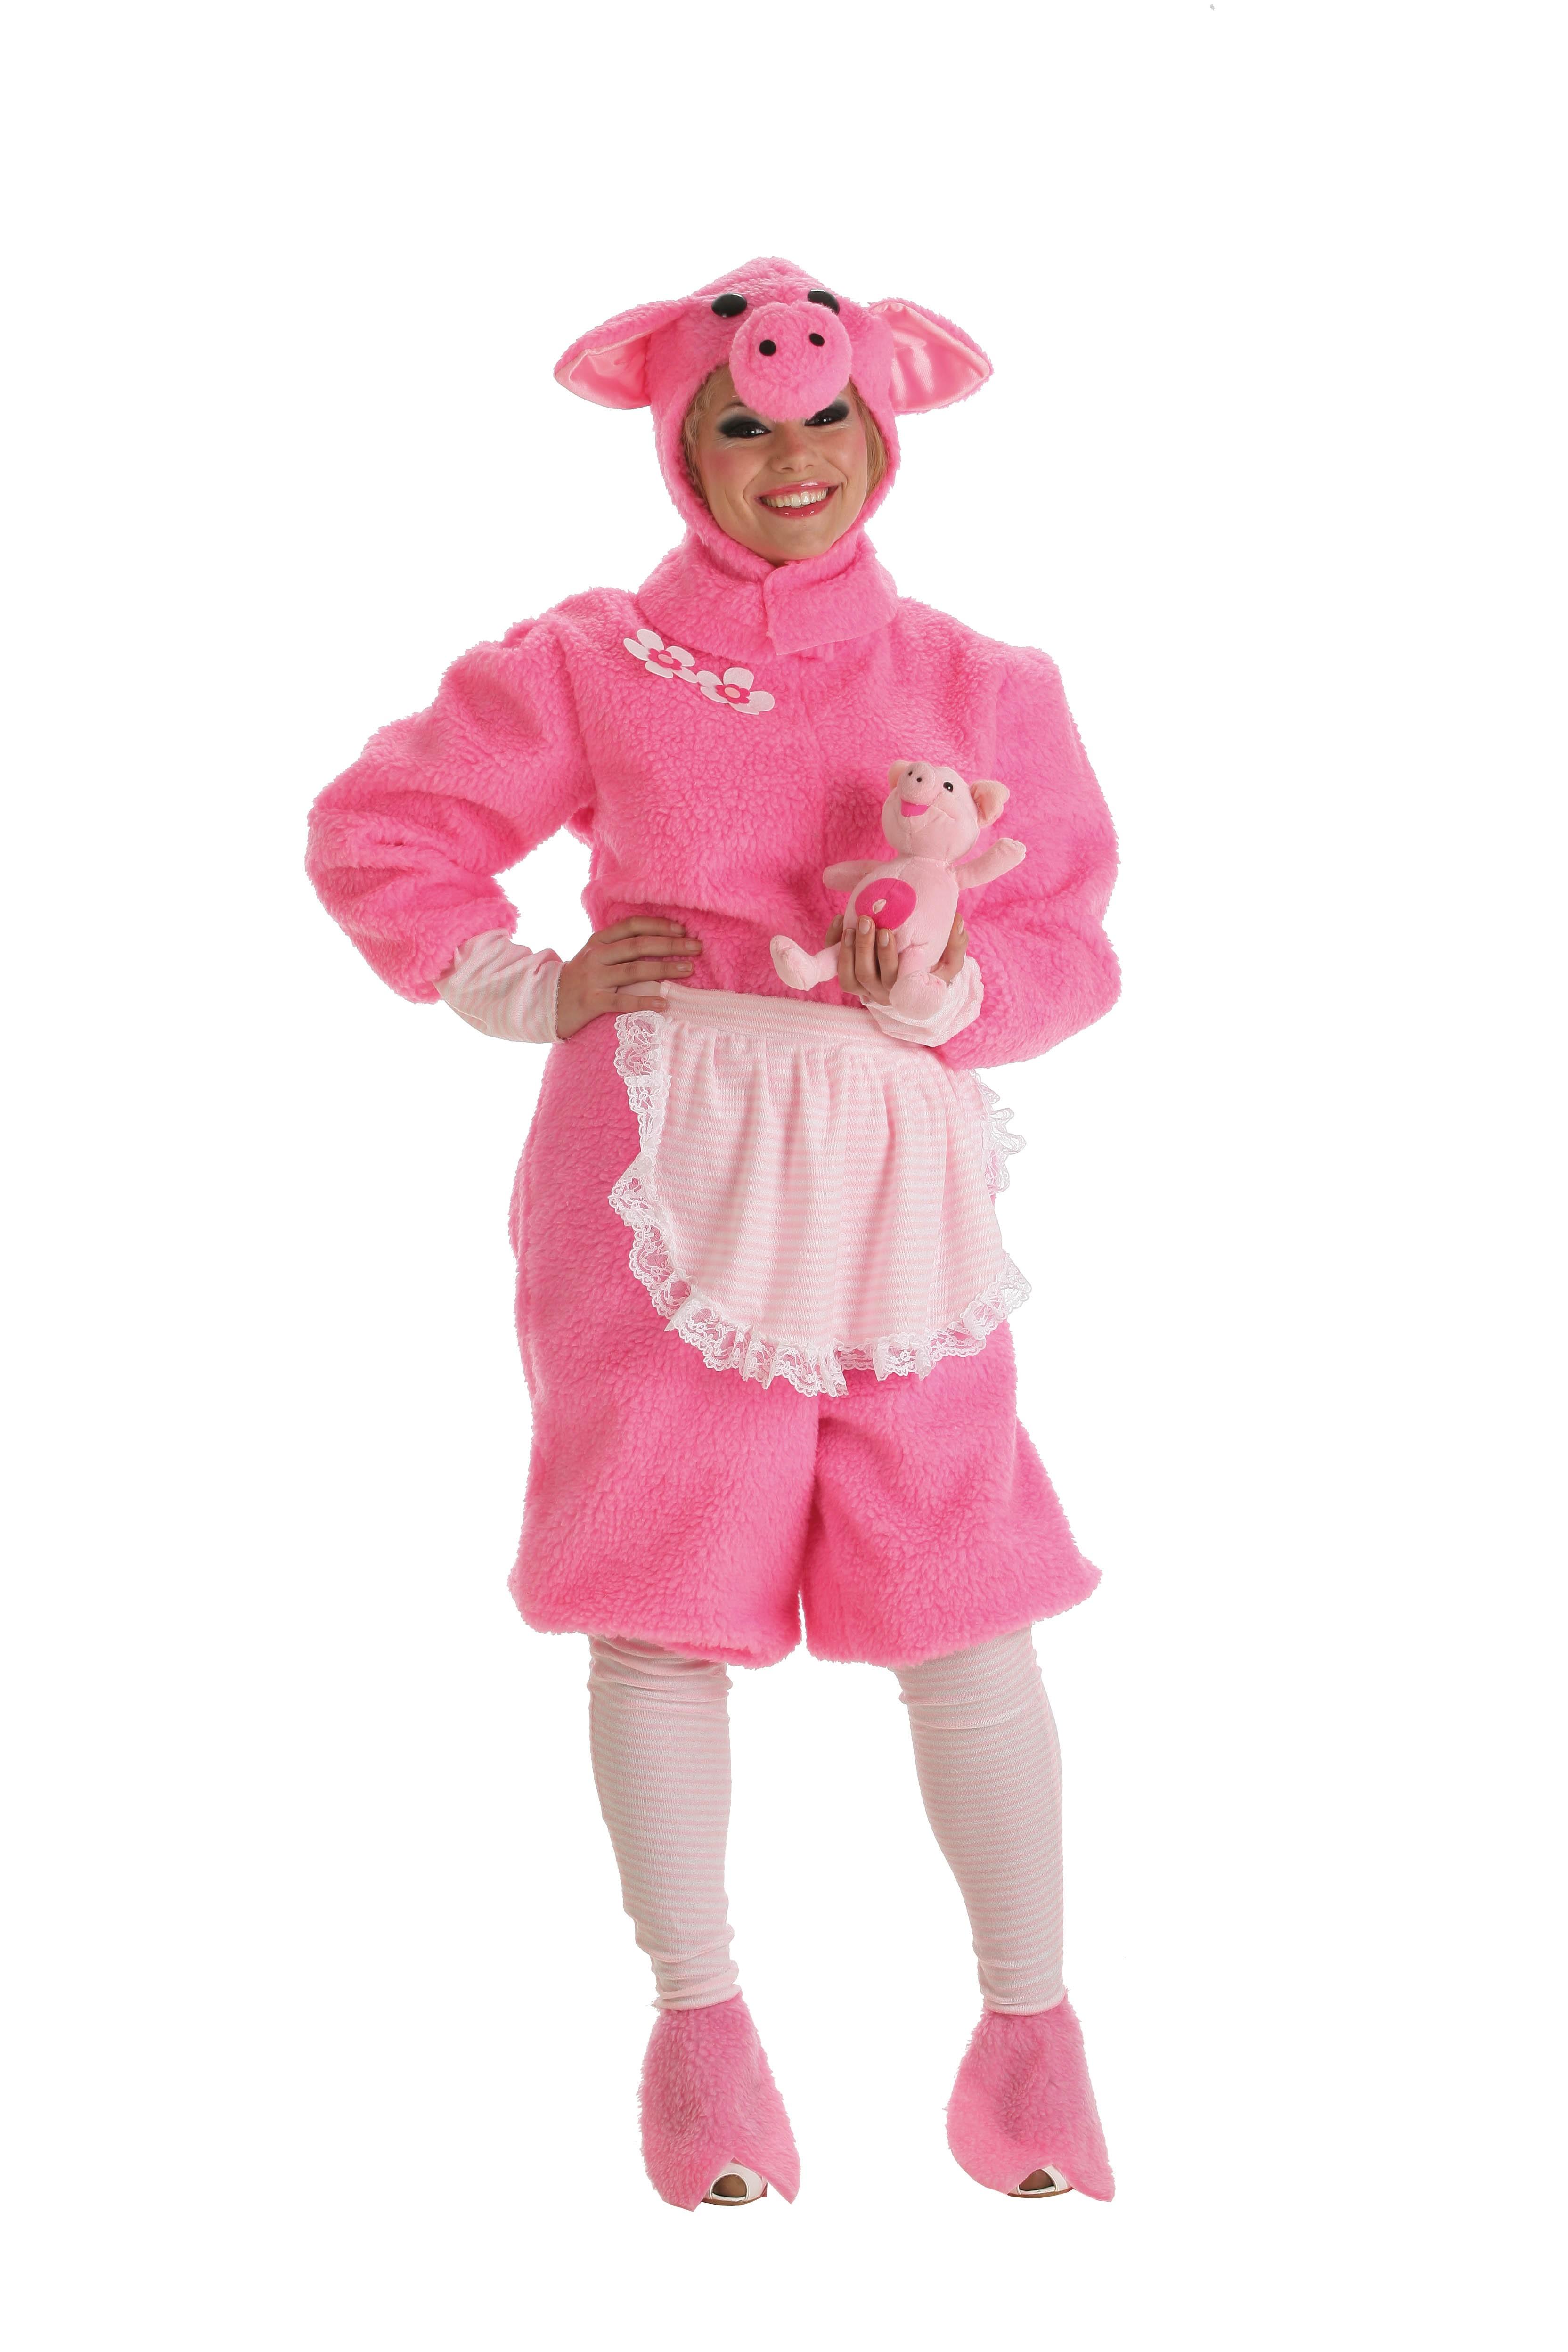 Disfraces originales para niños y adultos - MiDisfraz.com